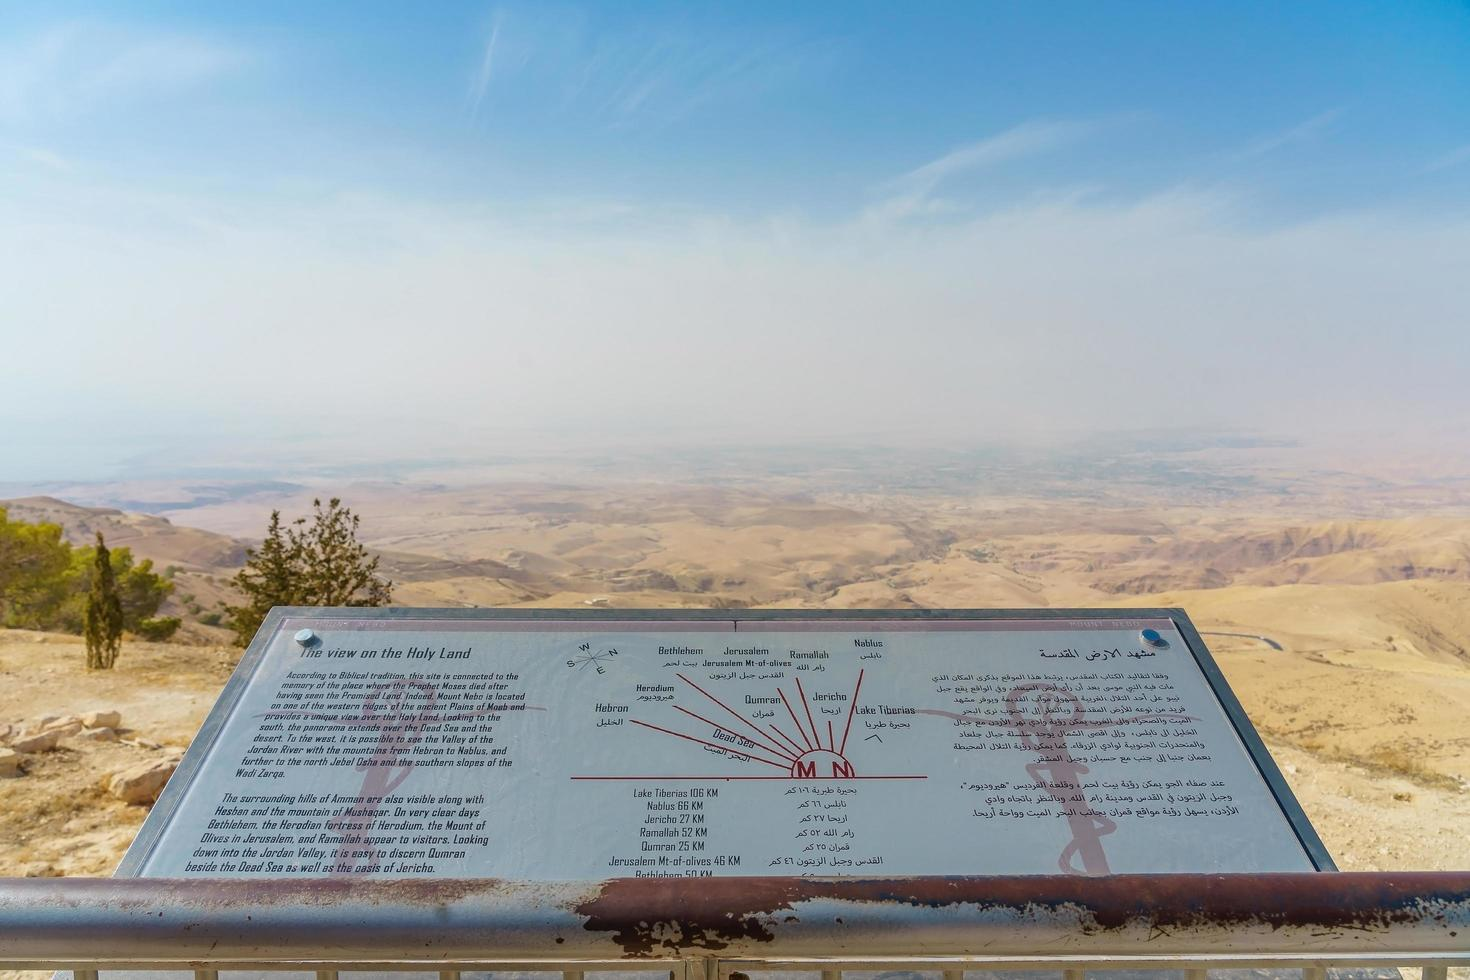 Mount Nebo, Jordanie 2018 - vue sur le mont Nebo surplombant la Terre Sainte et la mer Morte photo